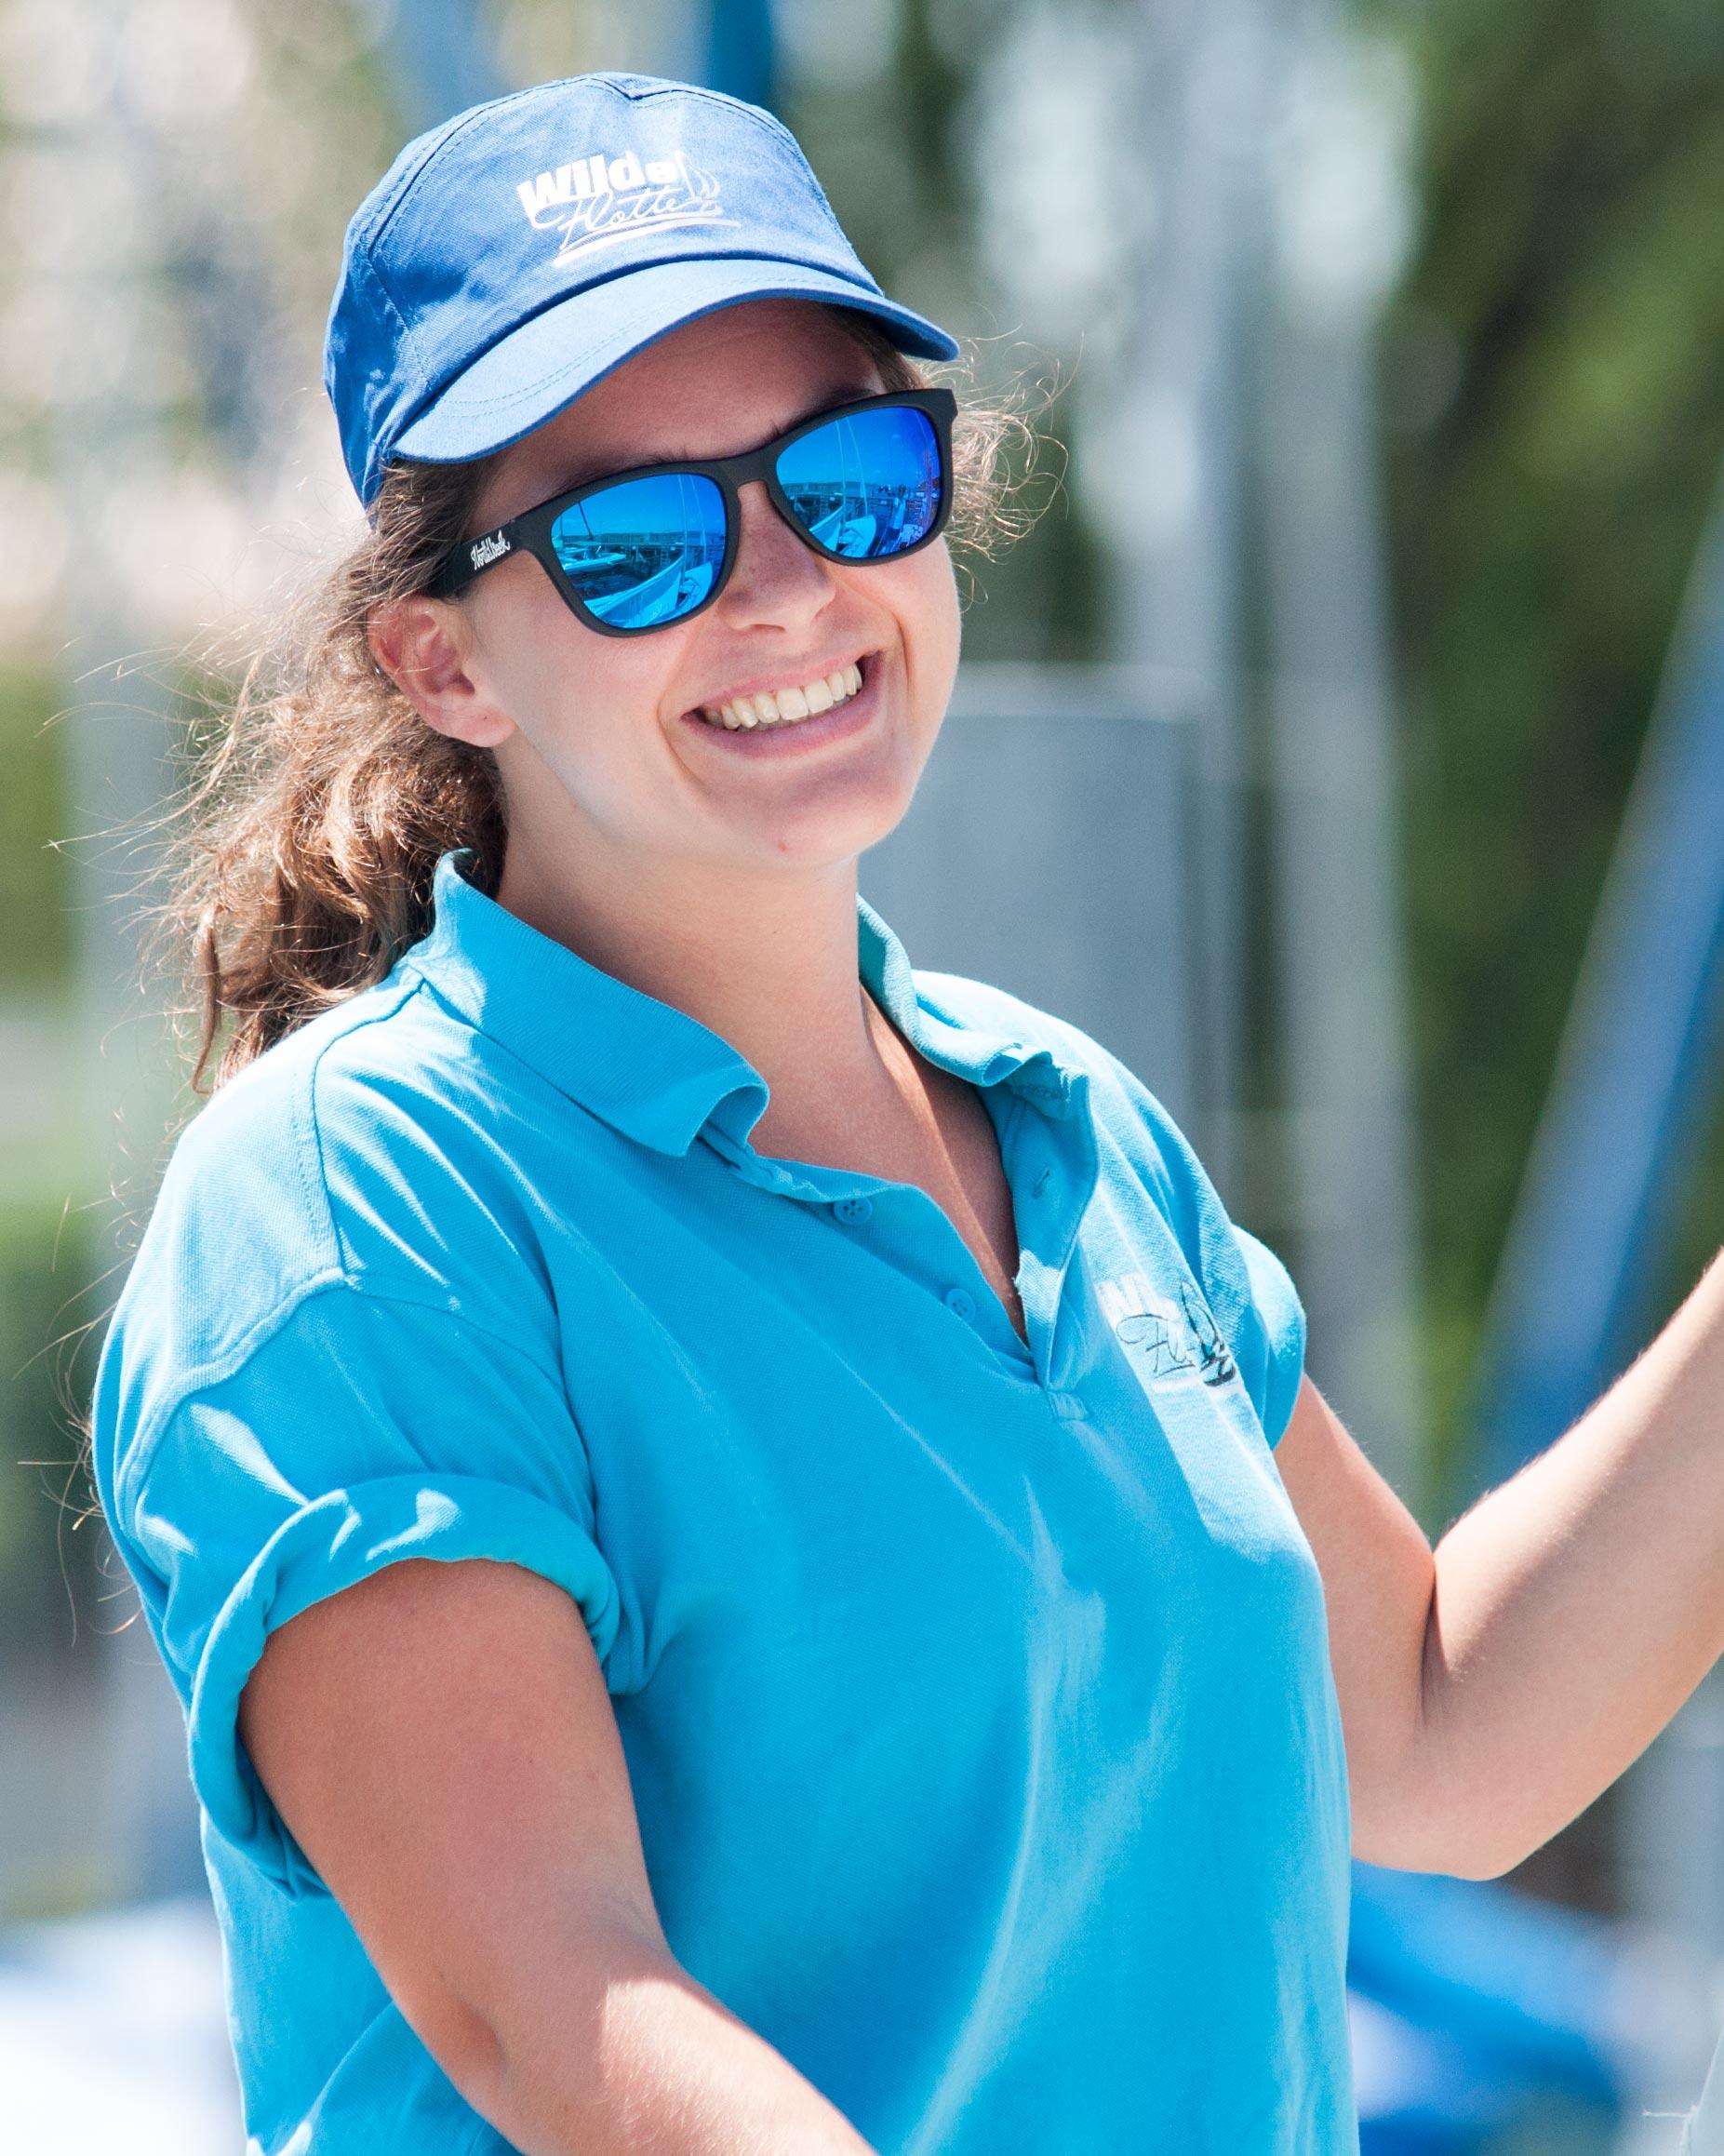 Marina - Seit 2013 Mitglied im Team der Wilden Flotte. Ein Jahr zuvor zog sie nach Konstanz, um hier Biologie und Spanisch auf Lehramt zu studieren. Neben dem Segeln begeistert sie sich fürs Tanzen, Bergwandern, Windsurfen und Reisen.